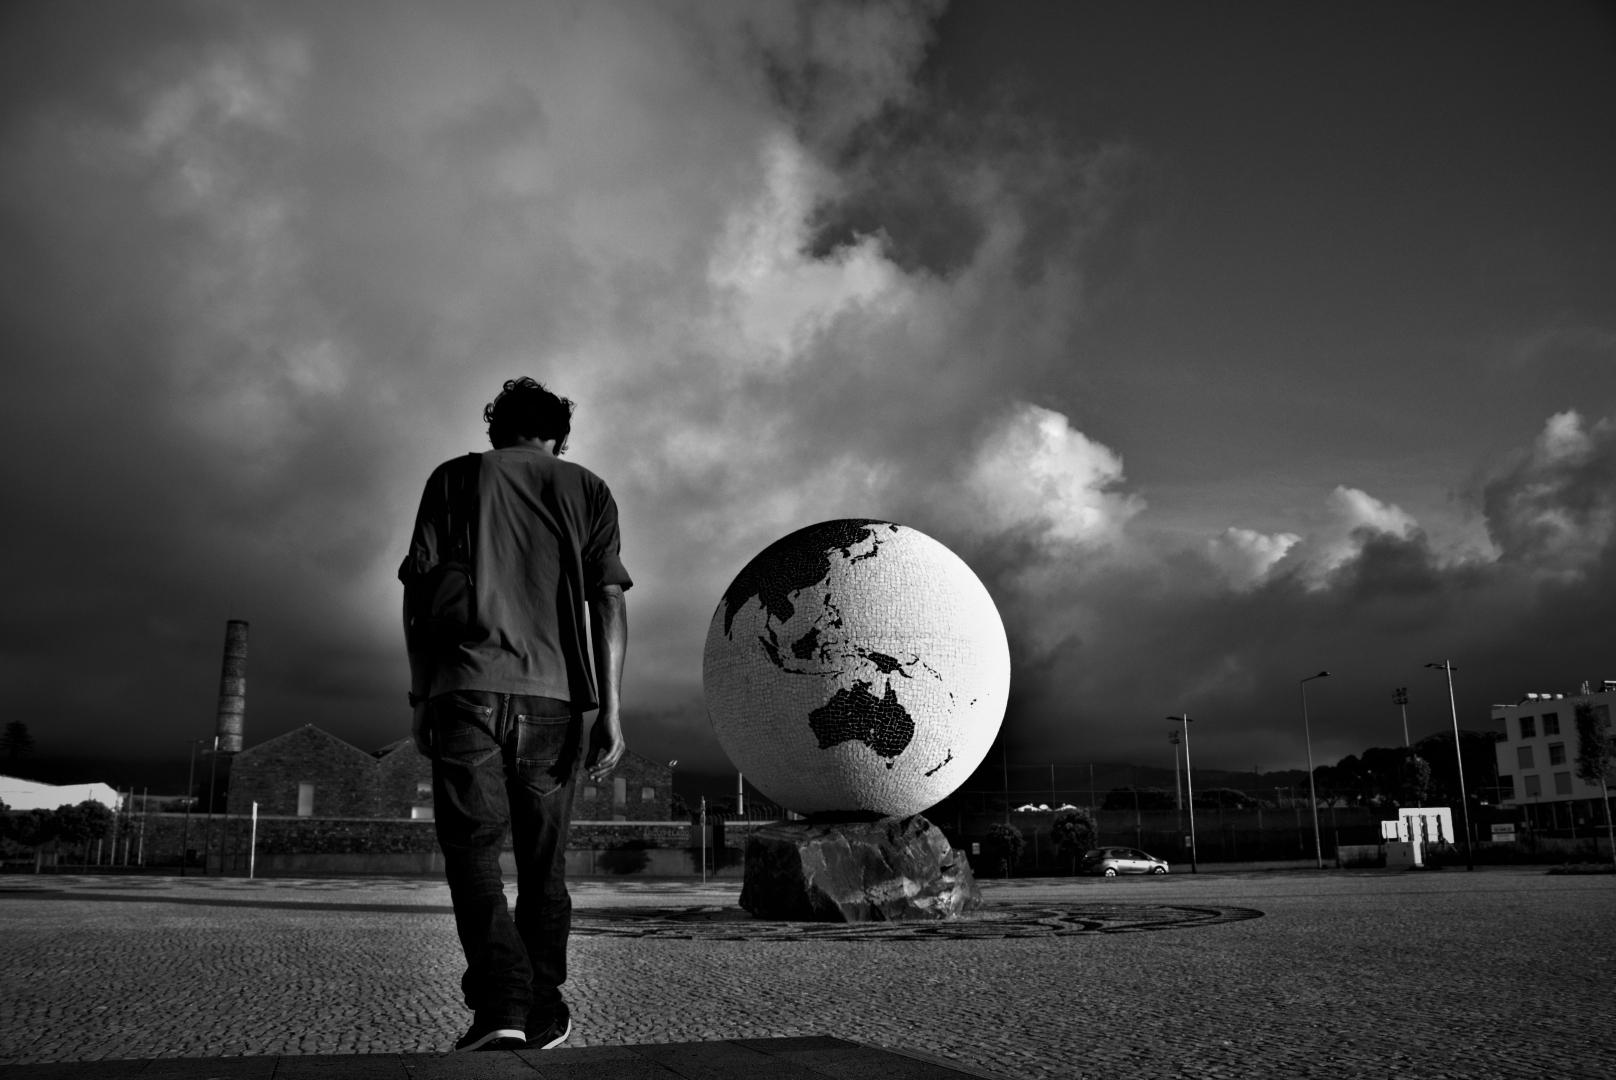 Fotografia de Rua/O regresso do Homem ao Planeta Terra (desc.)